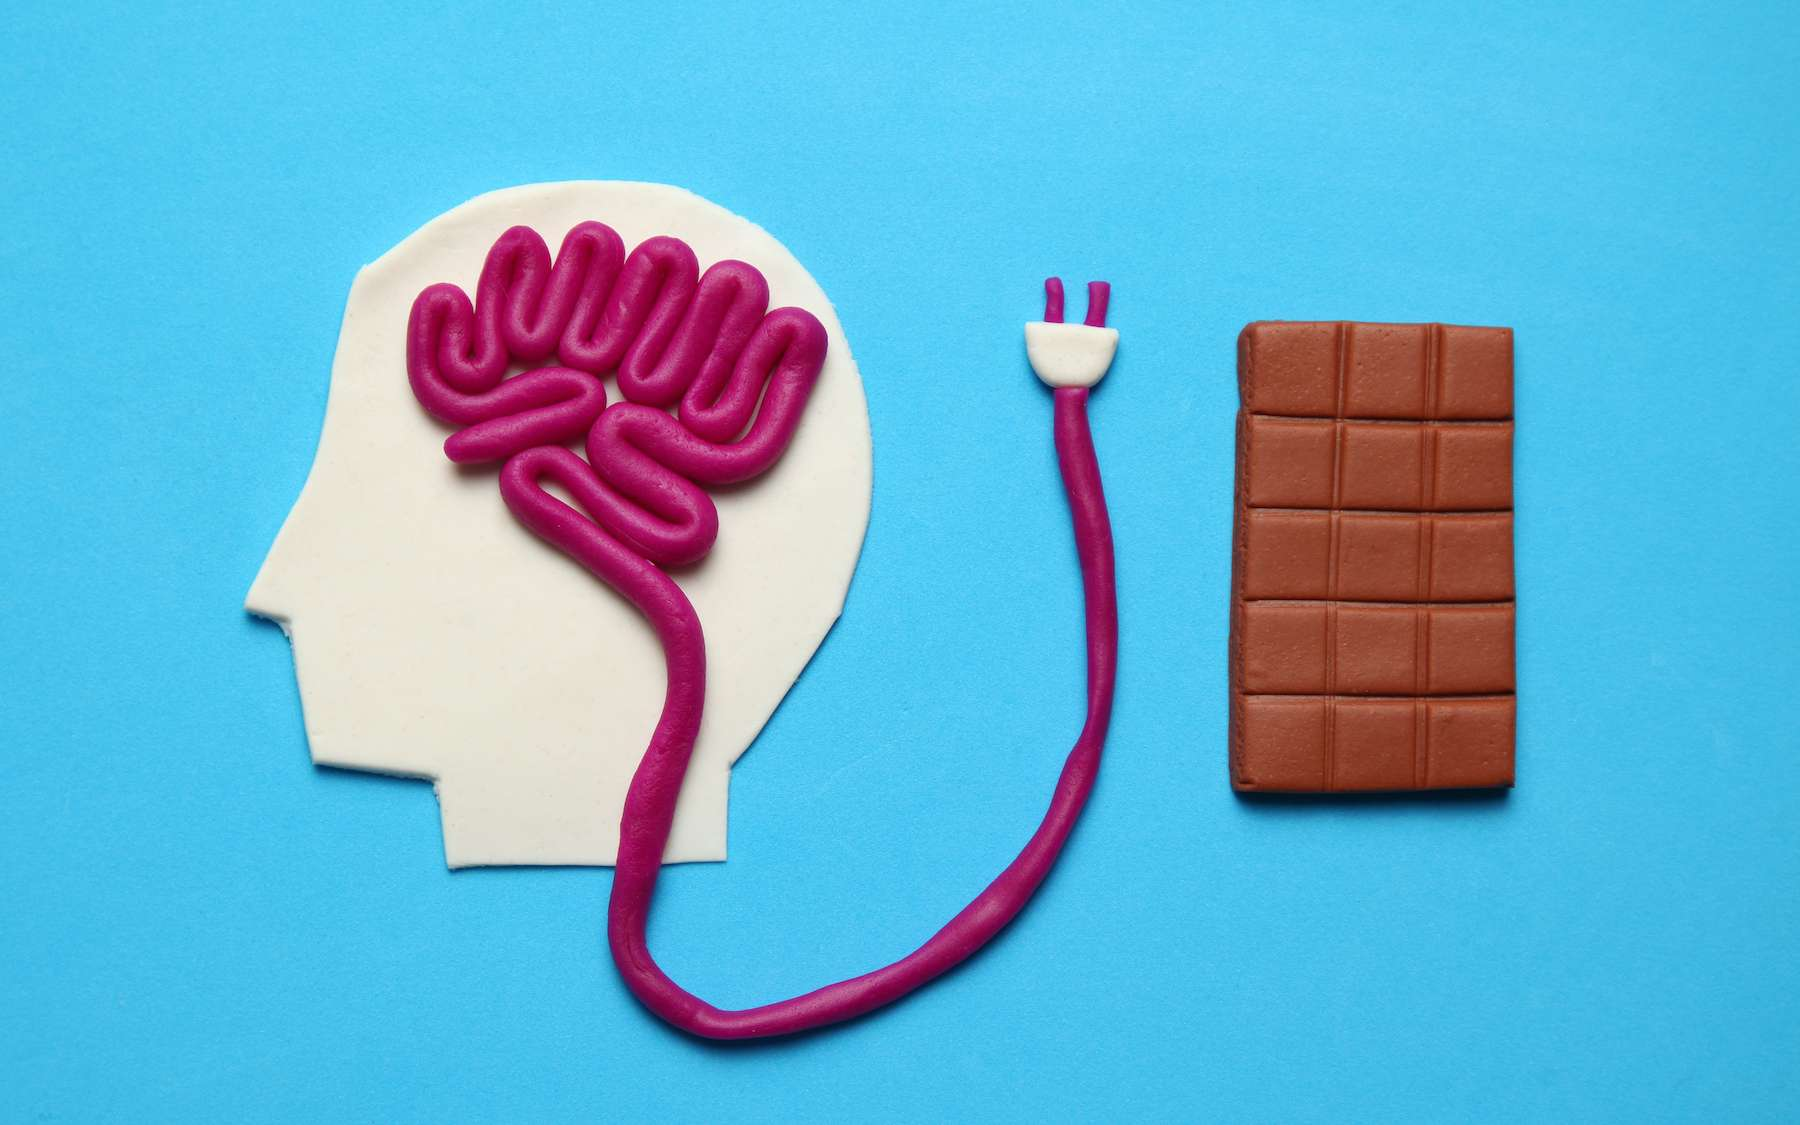 Notre cerveau est plus à même de se rappeler où sont les brownies que les tomates